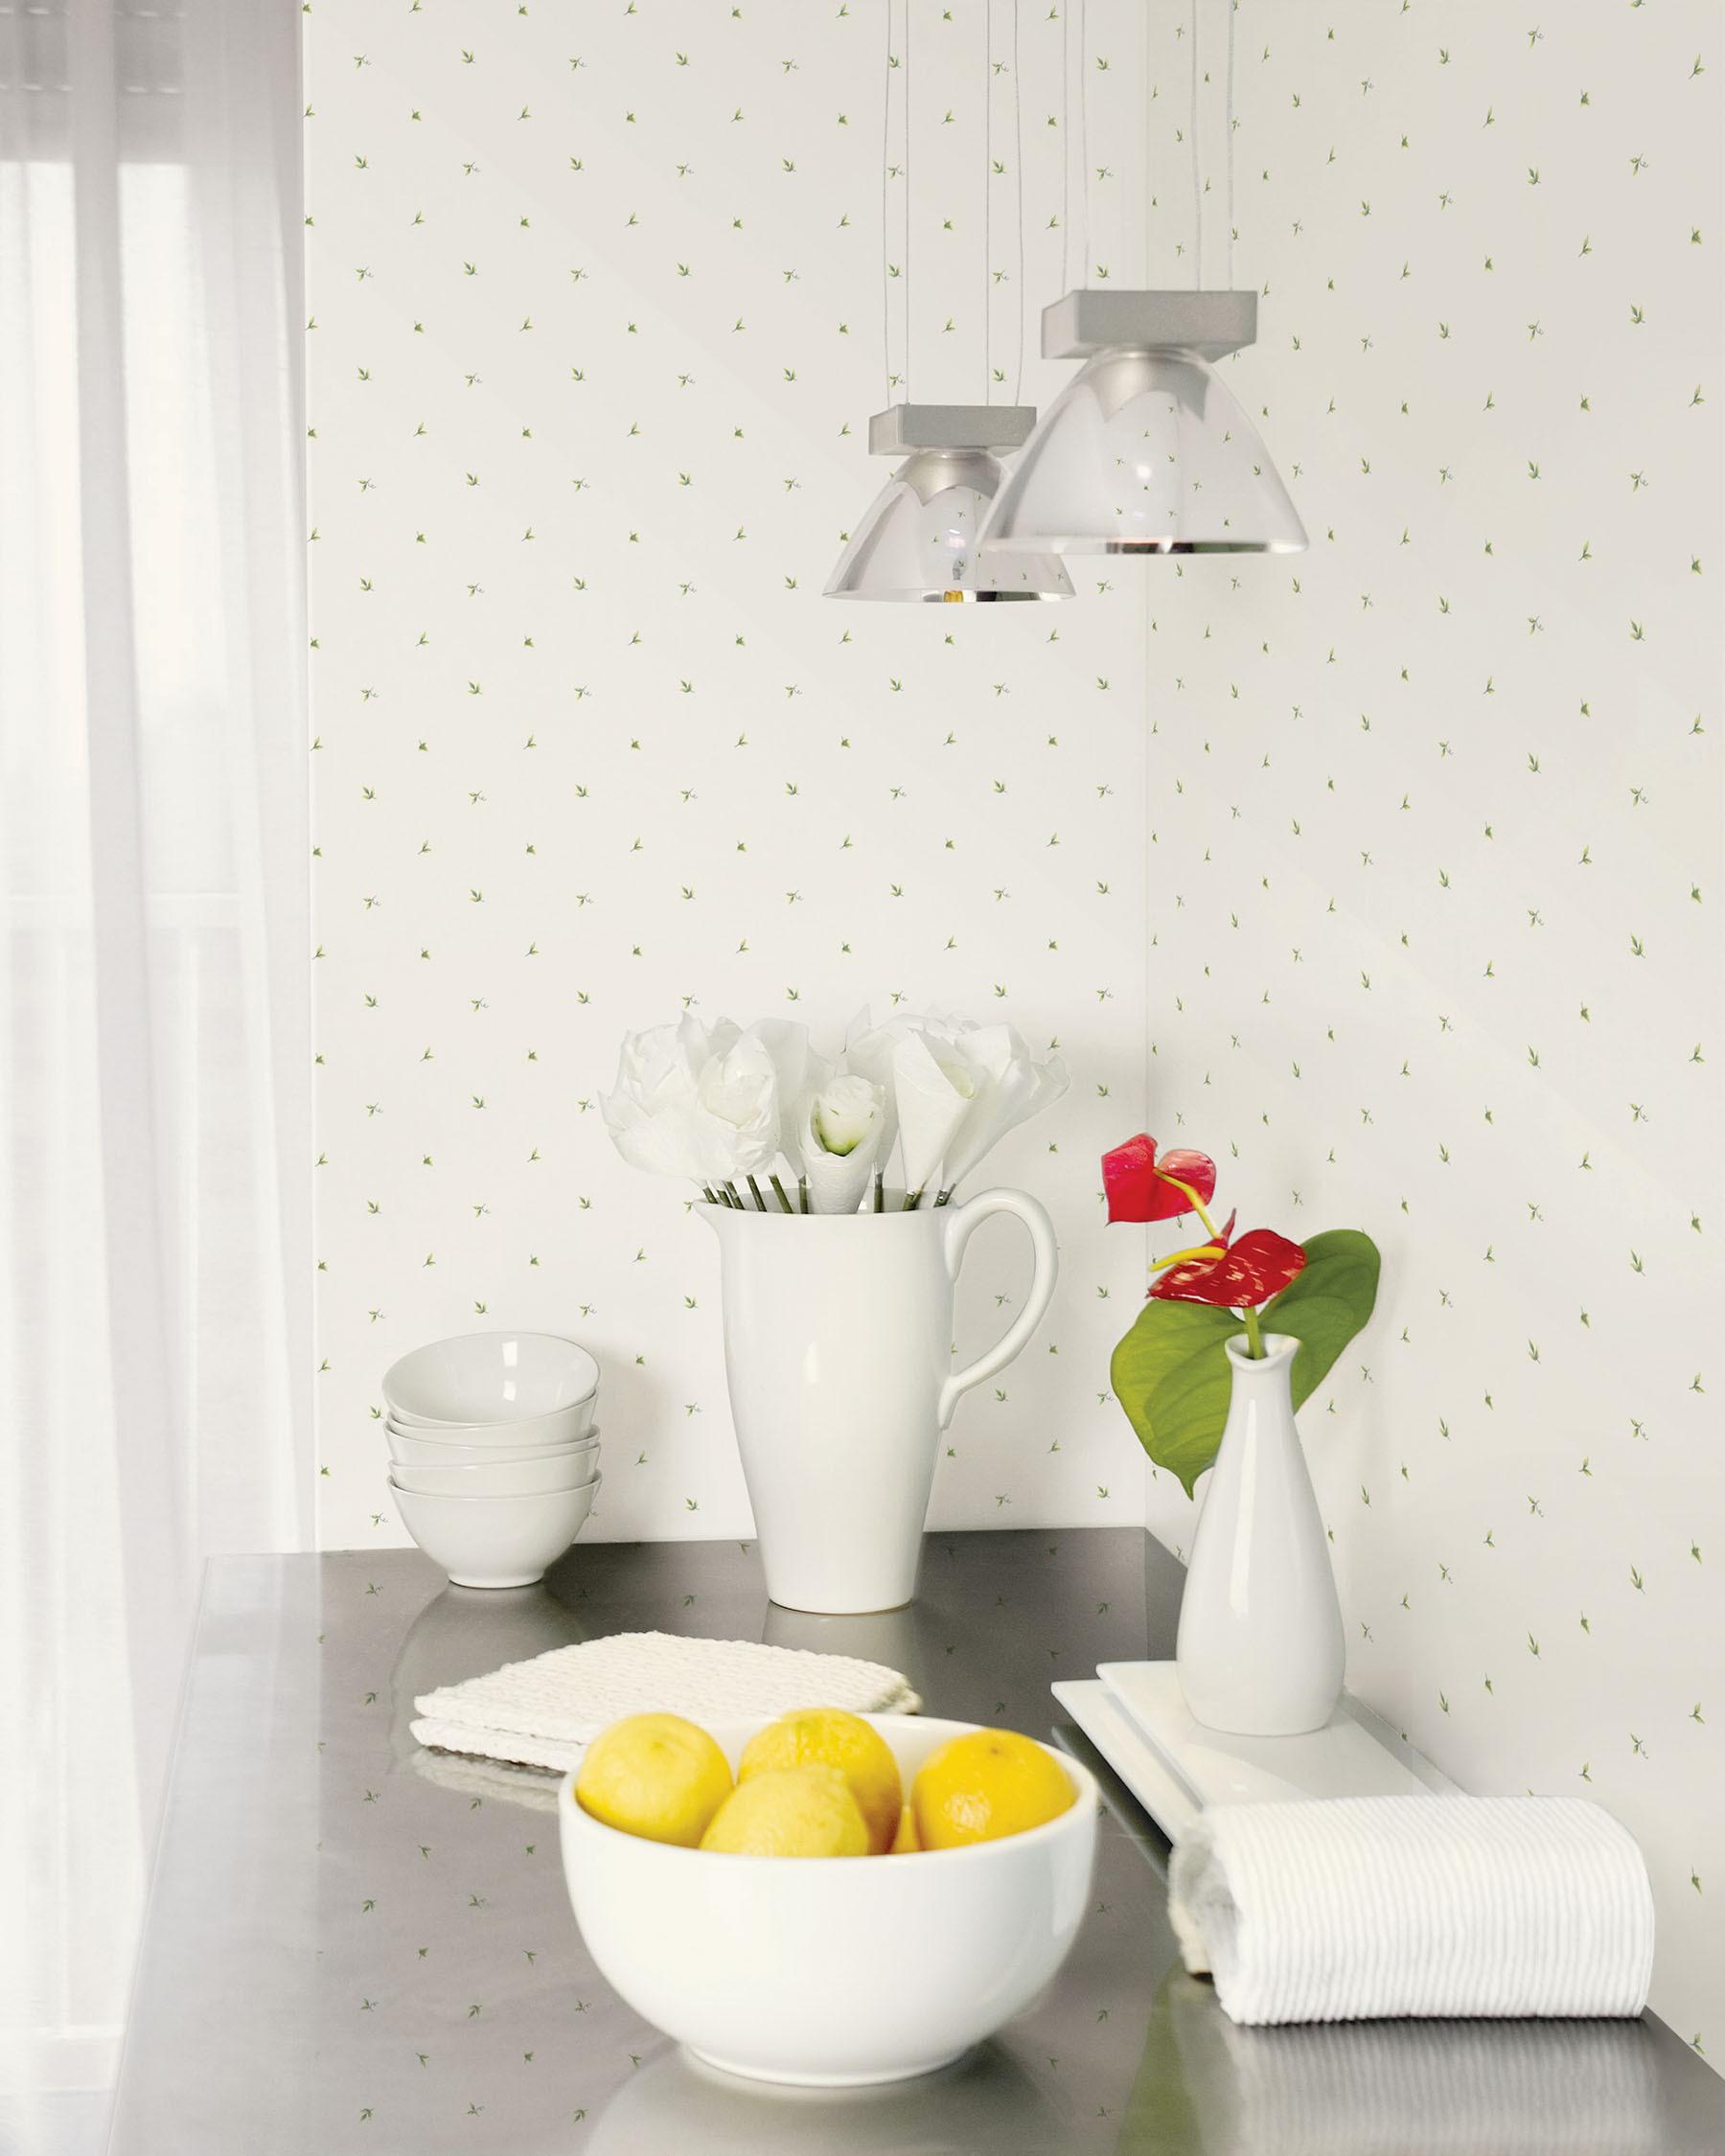 Full Size of Küchentapeten Kitchen Style 3 Kollektion Essener Tapeten Gratisversand Wohnzimmer Küchentapeten